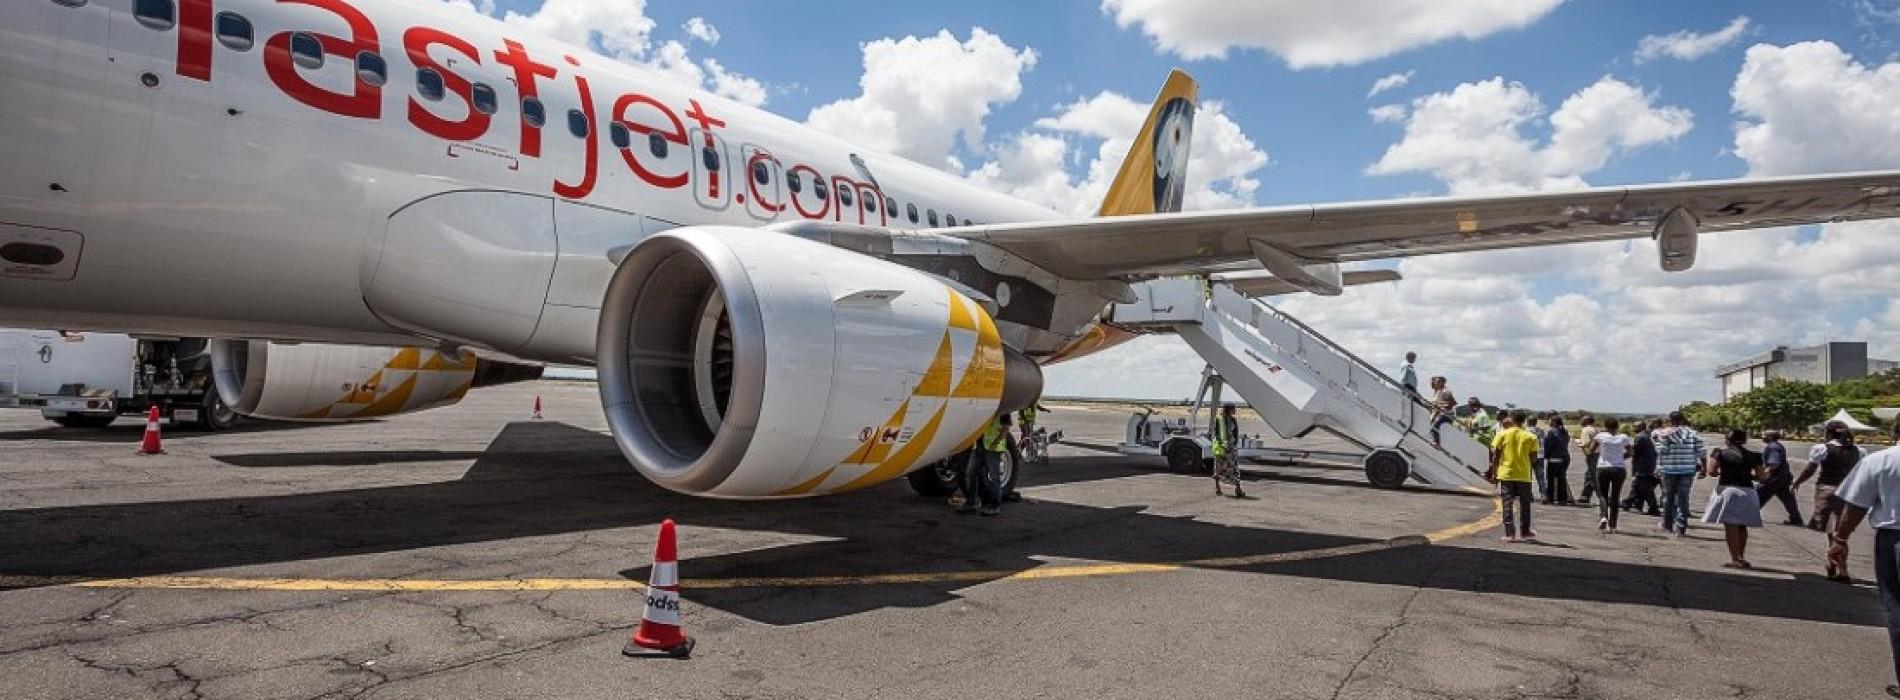 Le 10 compagnie low cost che stanno cambiando i cieli dell'Africa